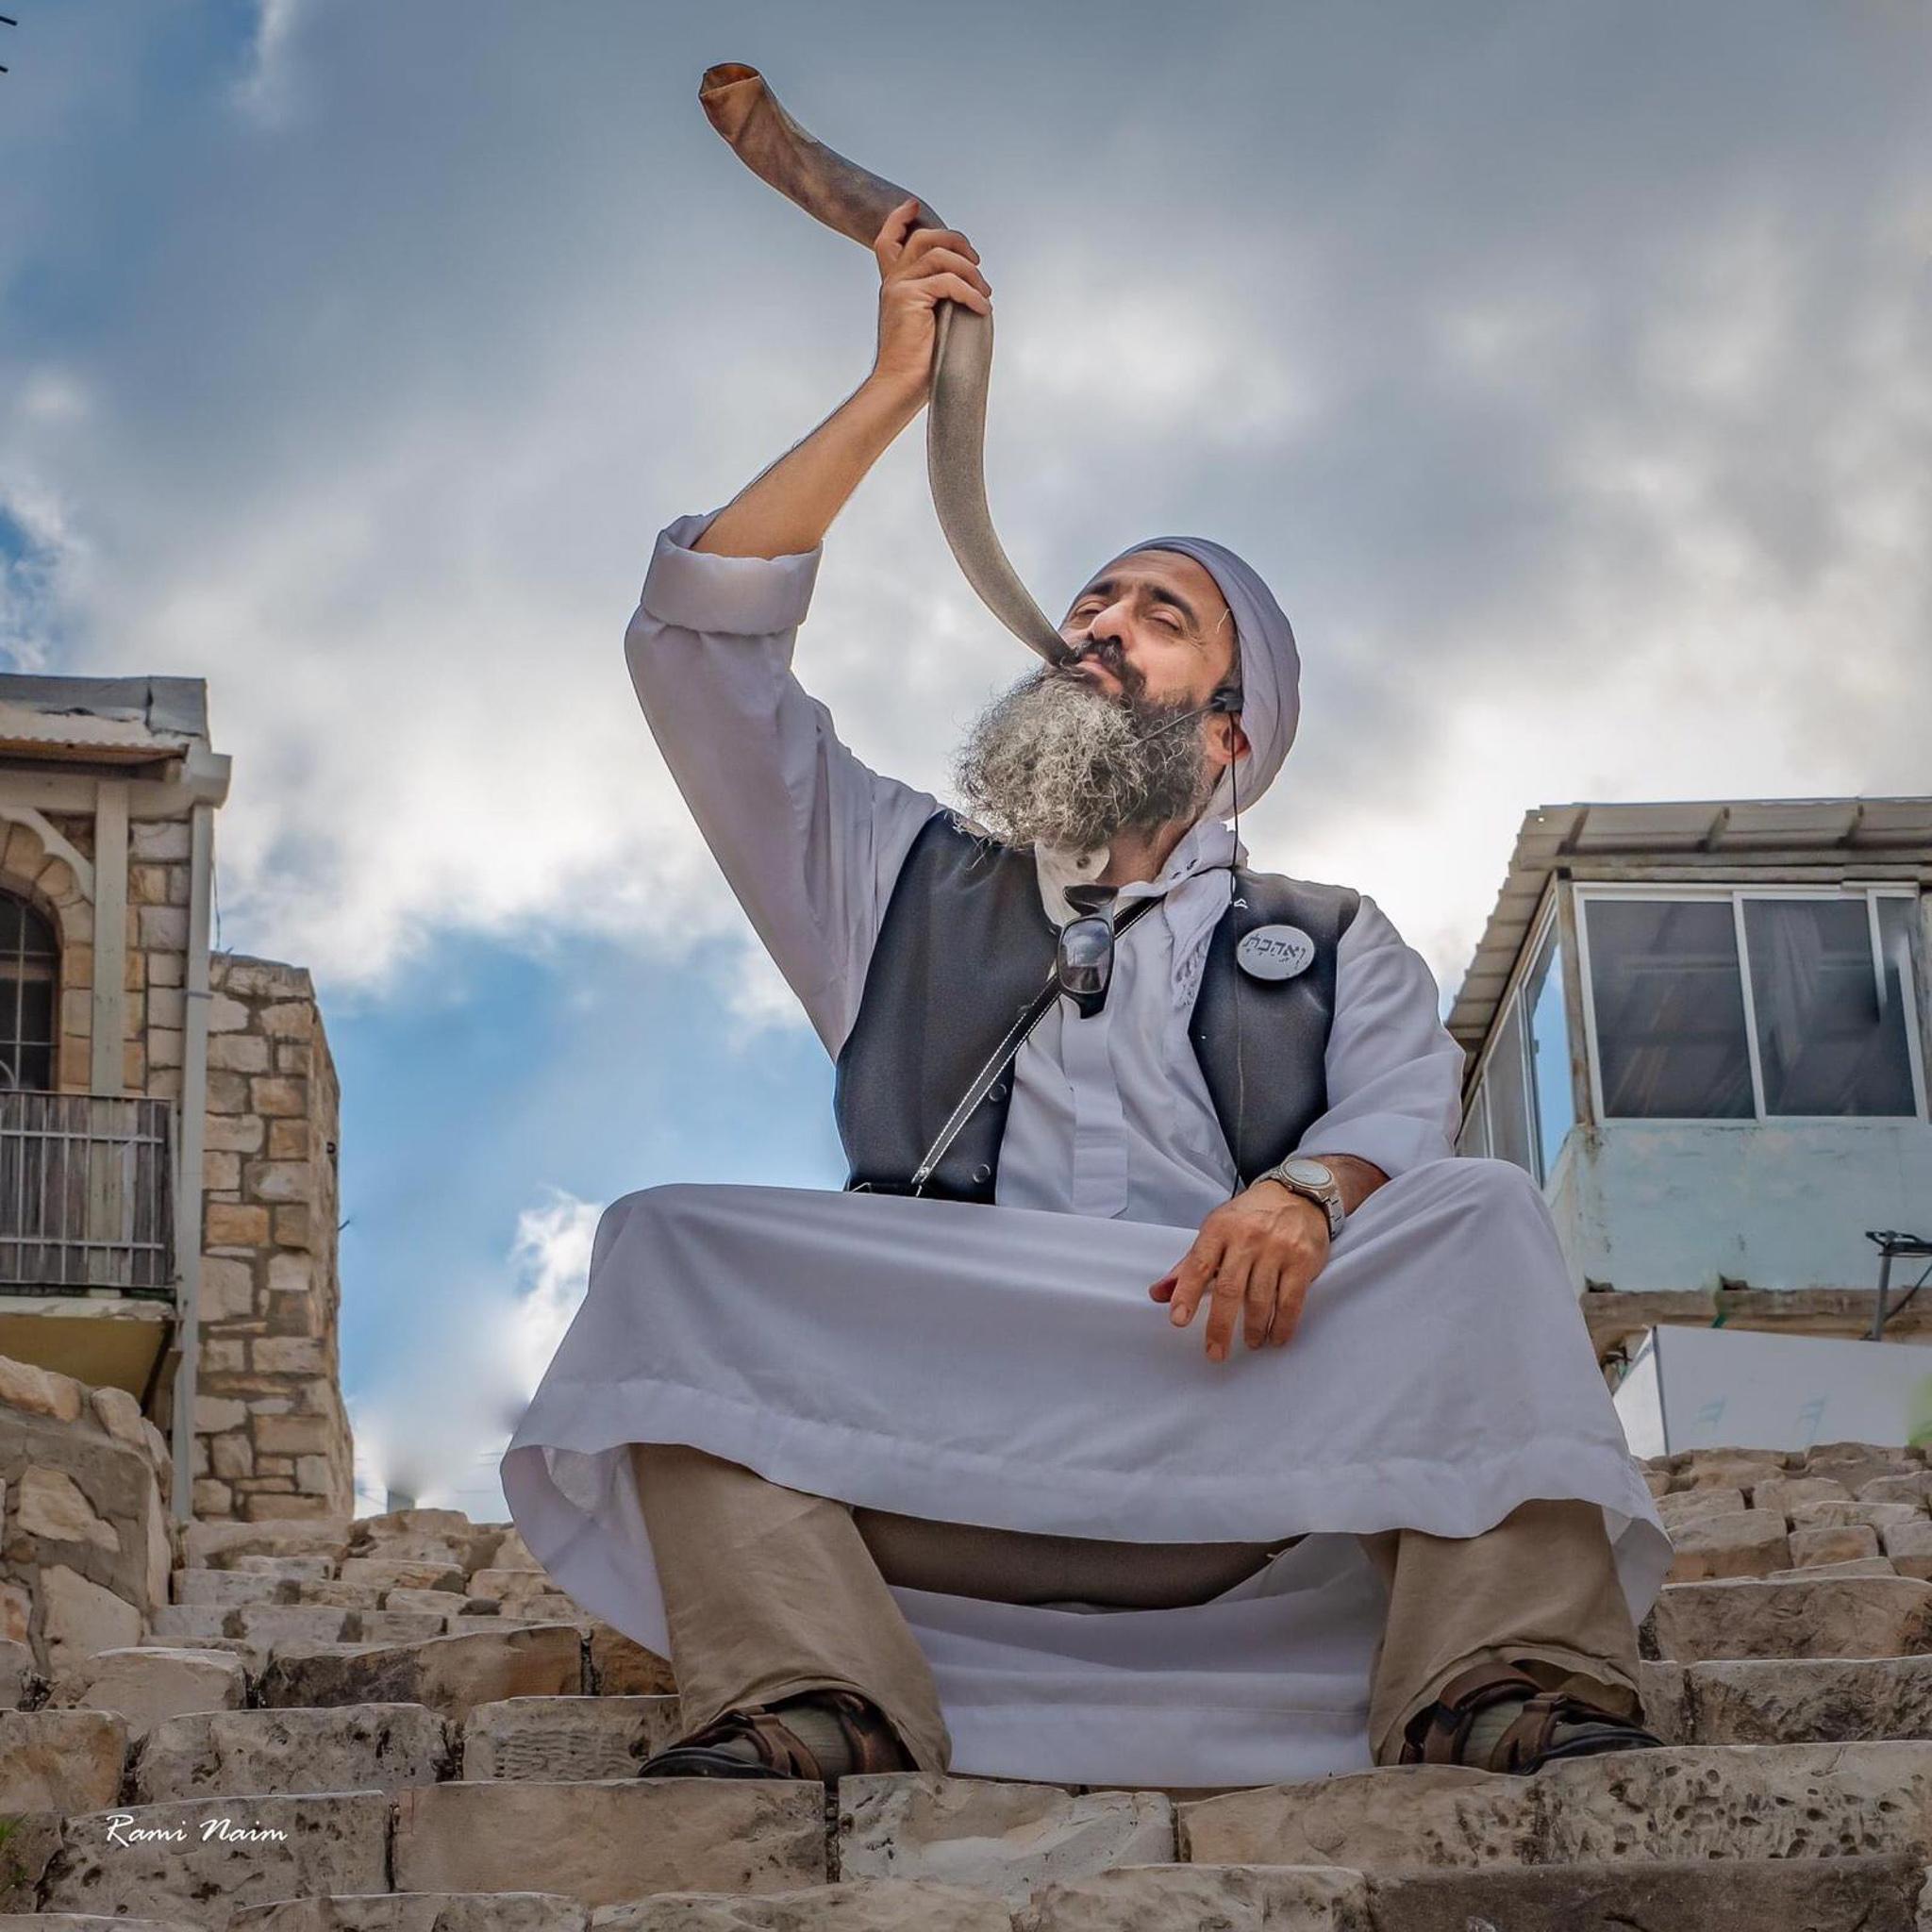 20200909 - Sefad Photos by Eyal Karuchi